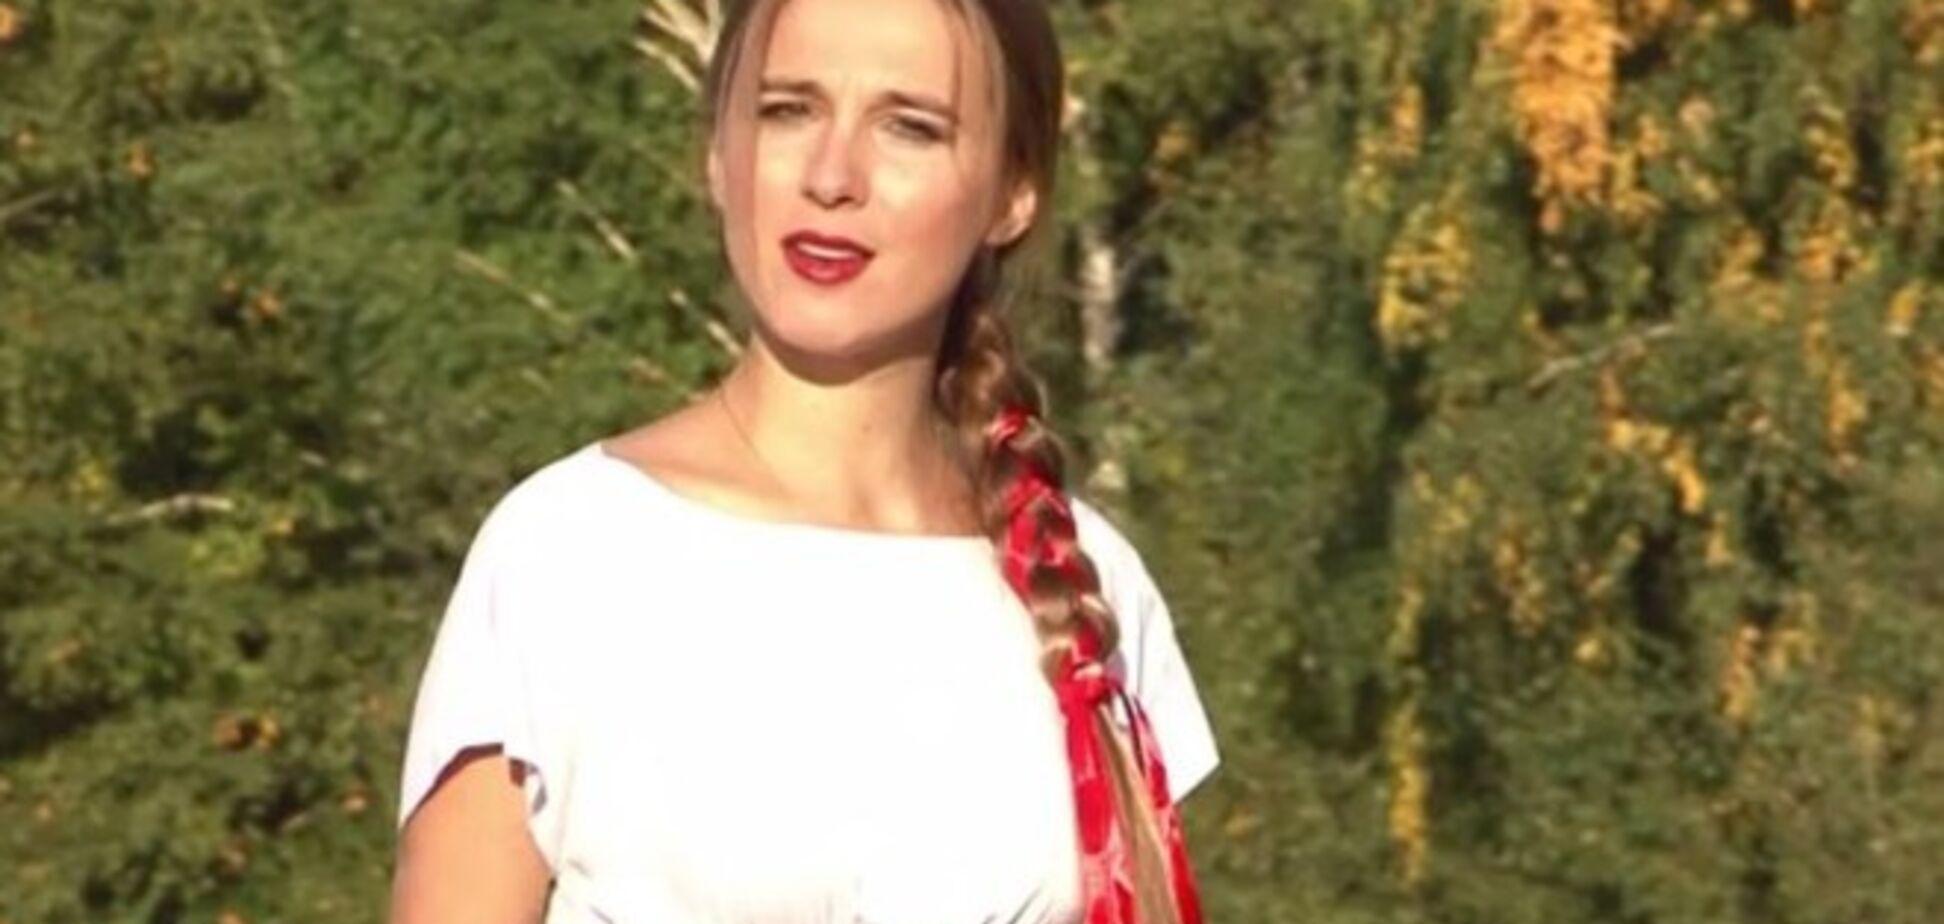 Российская певица записала песню и клип о 'милом Путине': не могу забыть тебя, возьми меня с собой